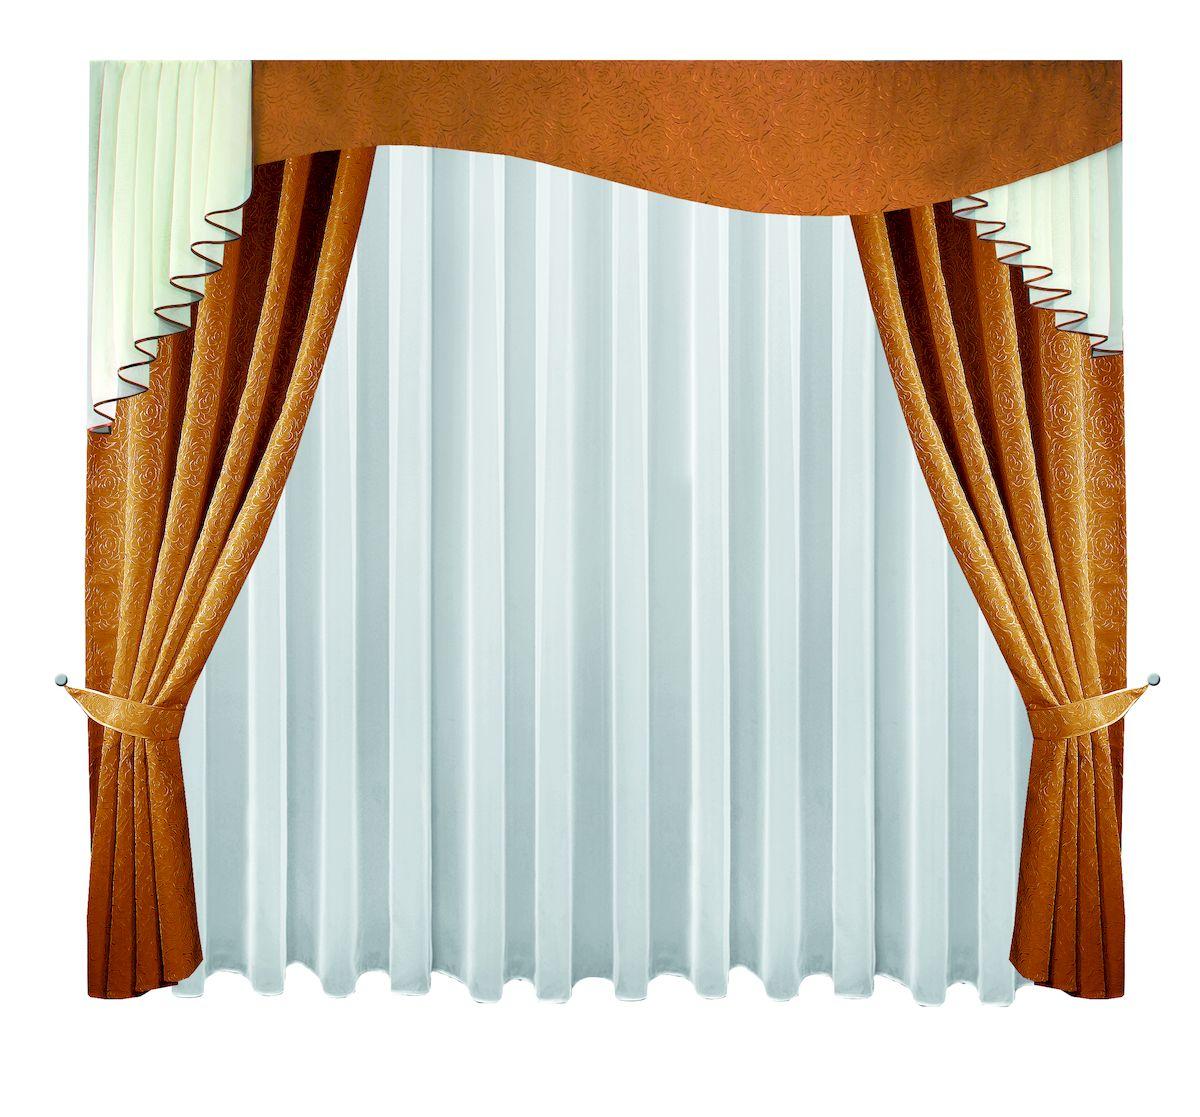 Комплект штор Zlata Korunka, на ленте, цвет: шоколадный, высота 250 см. 666271004900000360Комплект штор Zlata Korunka, выполненный из полиэстера, великолепно украсит любое окно. Комплект состоит из тюля, ламбрекена, двух штор и двух подхватов. Изящный узор и приятная цветовая гамма привлекут к себе внимание и органично впишутся в интерьер помещения. Этот комплект будет долгое время радовать вас и вашу семью!Комплект крепится на карниз при помощи ленты, которая поможет красиво и равномерно задрапировать верх.В комплект входит: Тюль: 1 шт. Размер (Ш х В): 400 см х 250 см. Ламбрекен: 1 шт. Размер (Ш х В): 300 см х 100 см. Штора: 2 шт. Размер (Ш х В): 138 см х 250 см.Подхват: 2 шт.